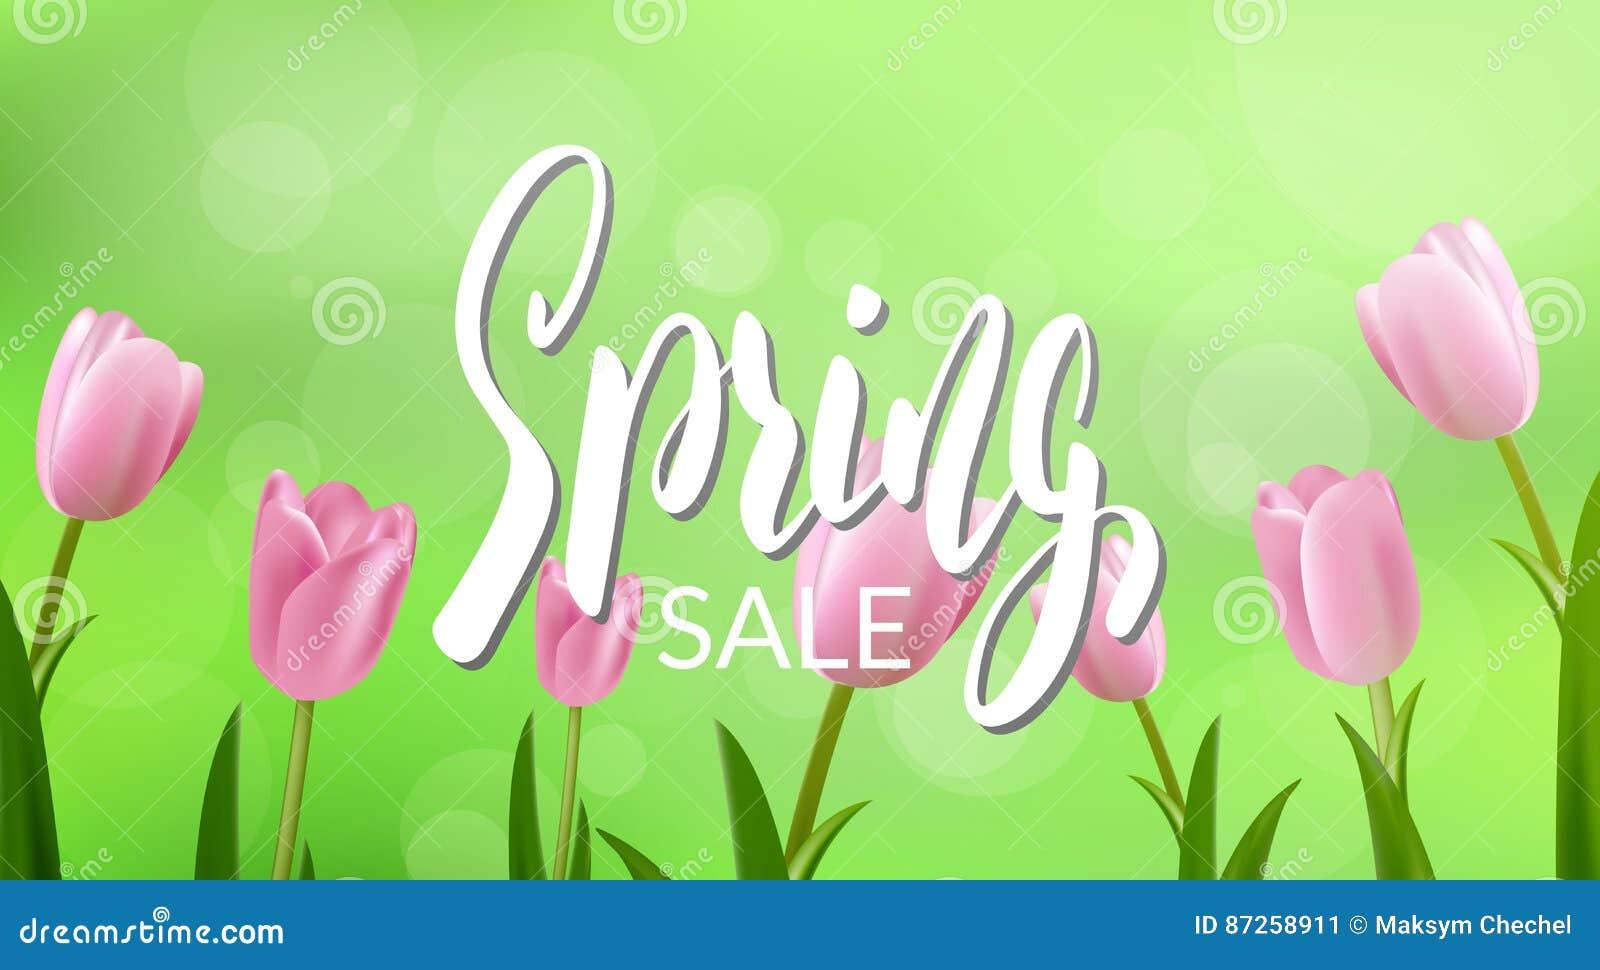 De lenteverkoop Banner met kalligrafie en bloemen voor seizoengebonden verkoop